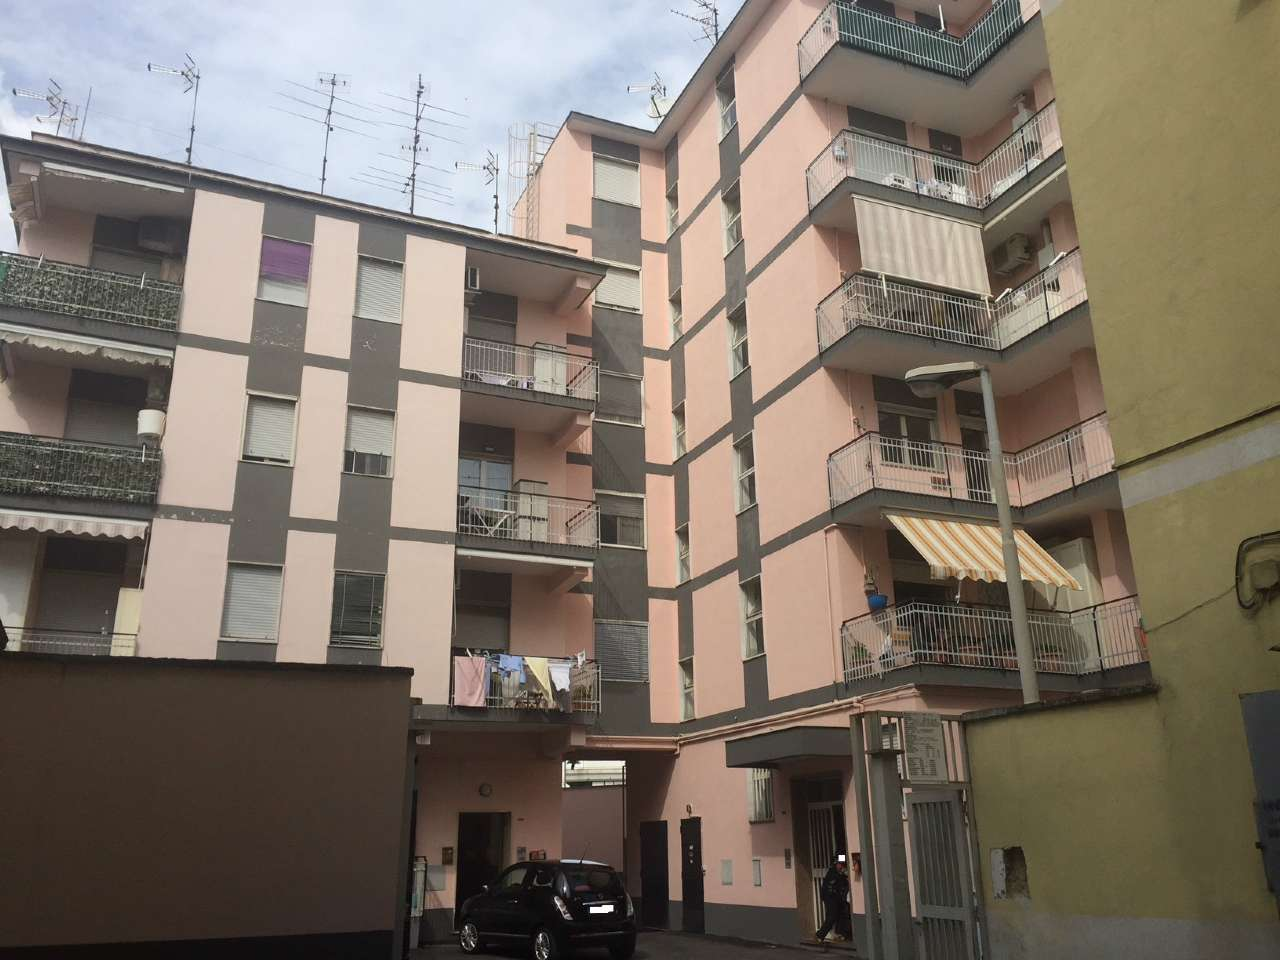 Appartamento al centro di Casalnuovo con posto auto